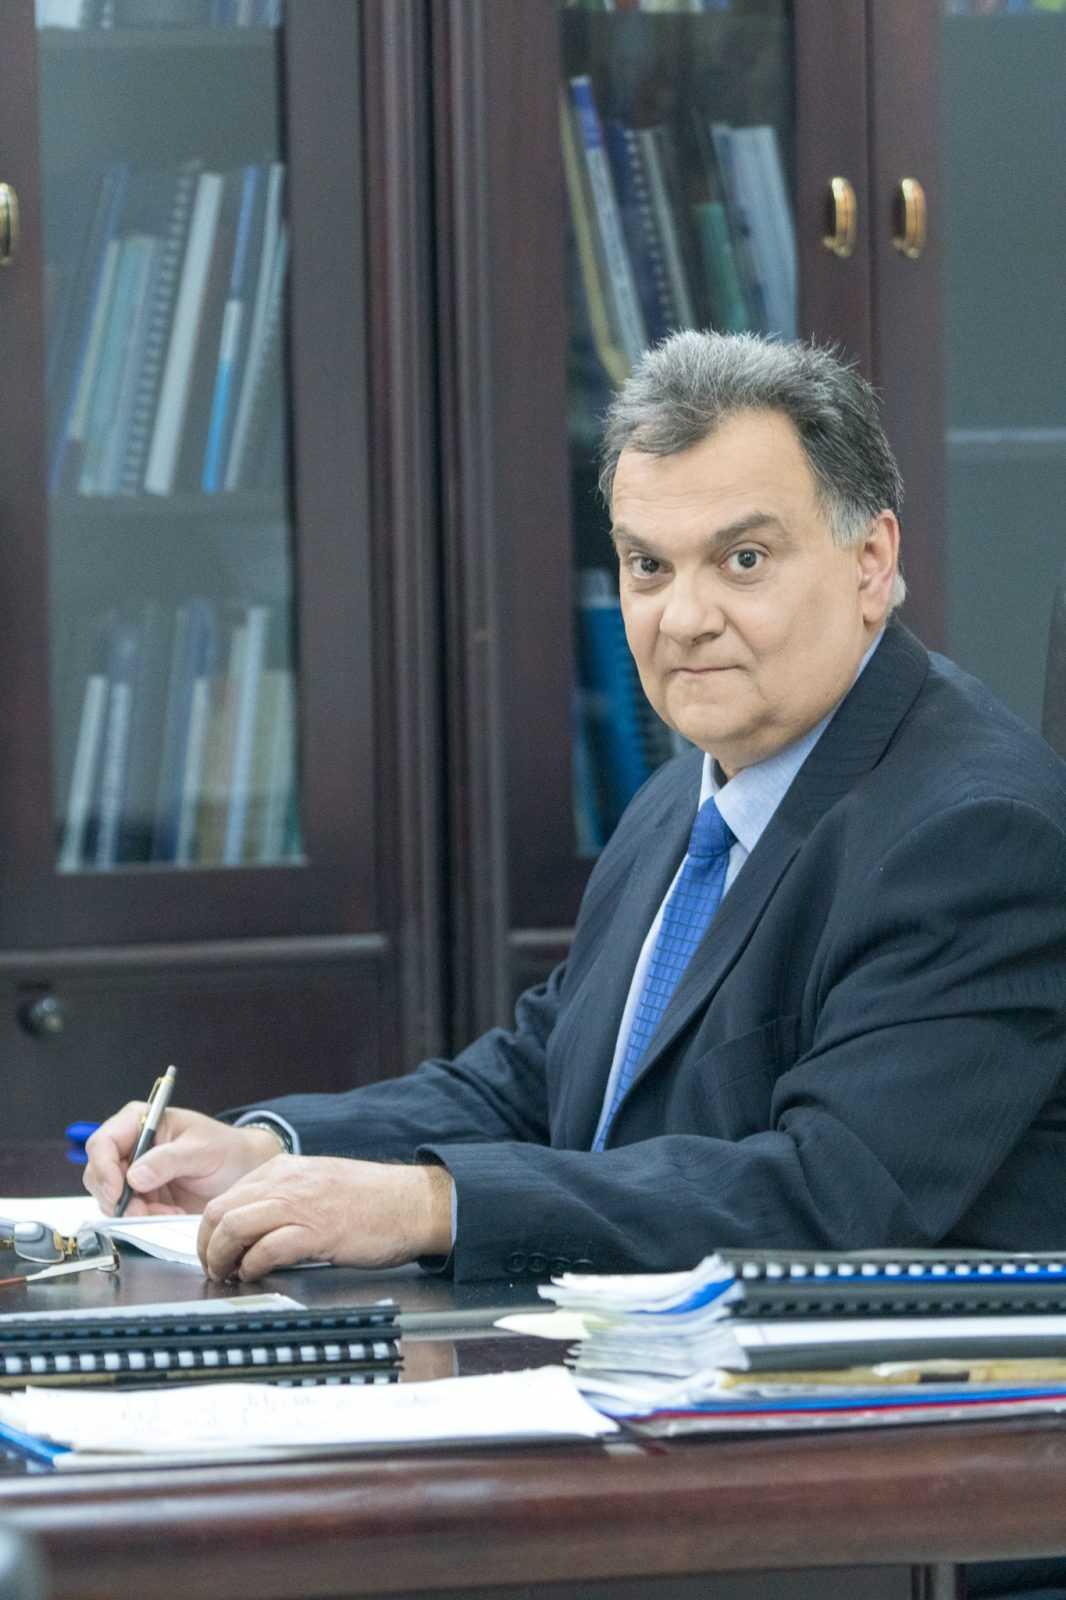 Ιωάννης Κάρμαλης: «Θεωρούμε ιερή υποχρέωση να ξαναφέρουμε την «ΕΛΠΙΔΑ» σε όλους τους Δυτικομακεδόνες»